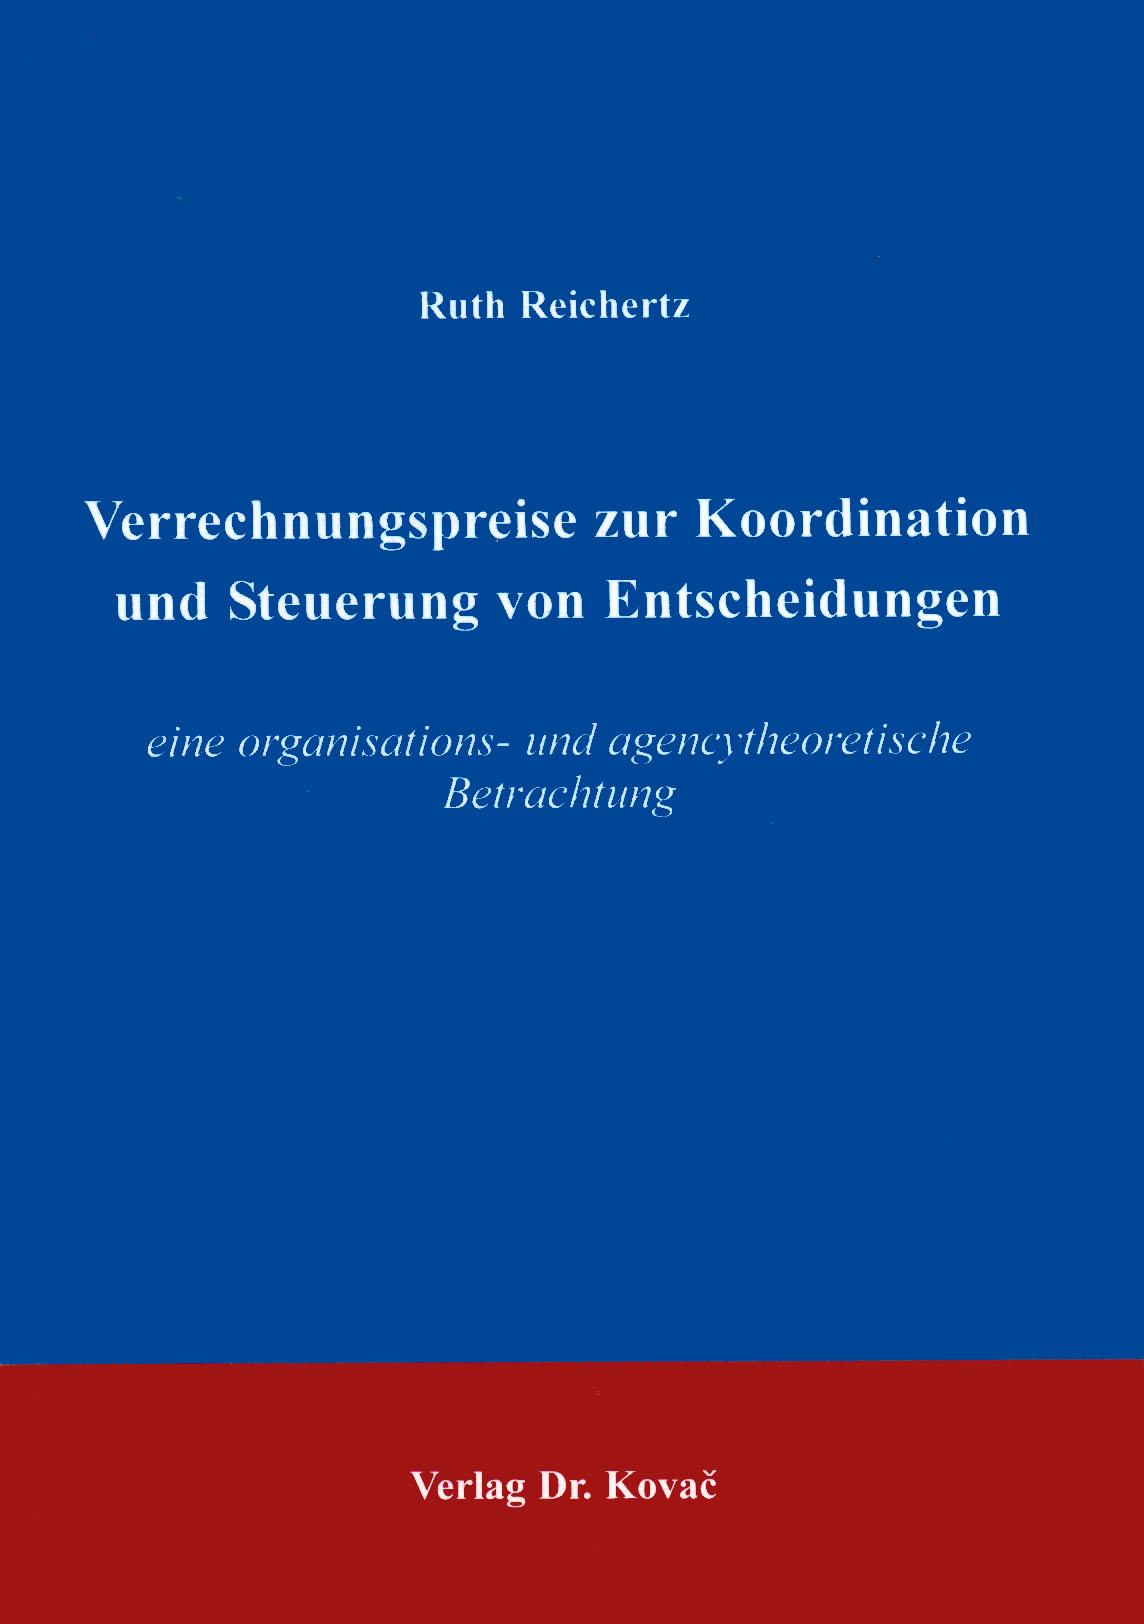 Cover: Verrechnungspreise zur Koordination und Steuerung von Entscheidungen